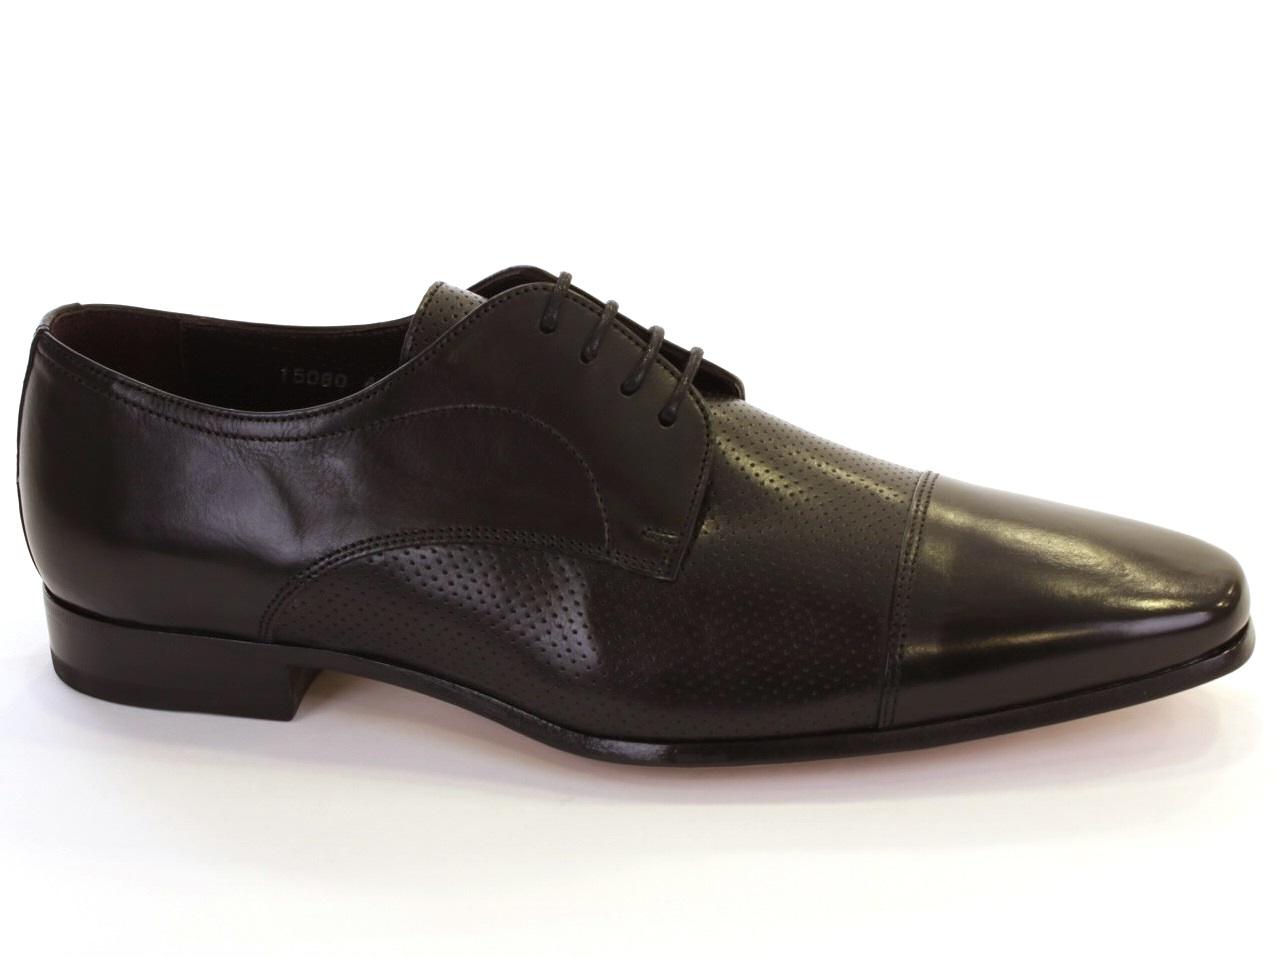 Lace Dress Shoes Gino Bianchi - 405 15080